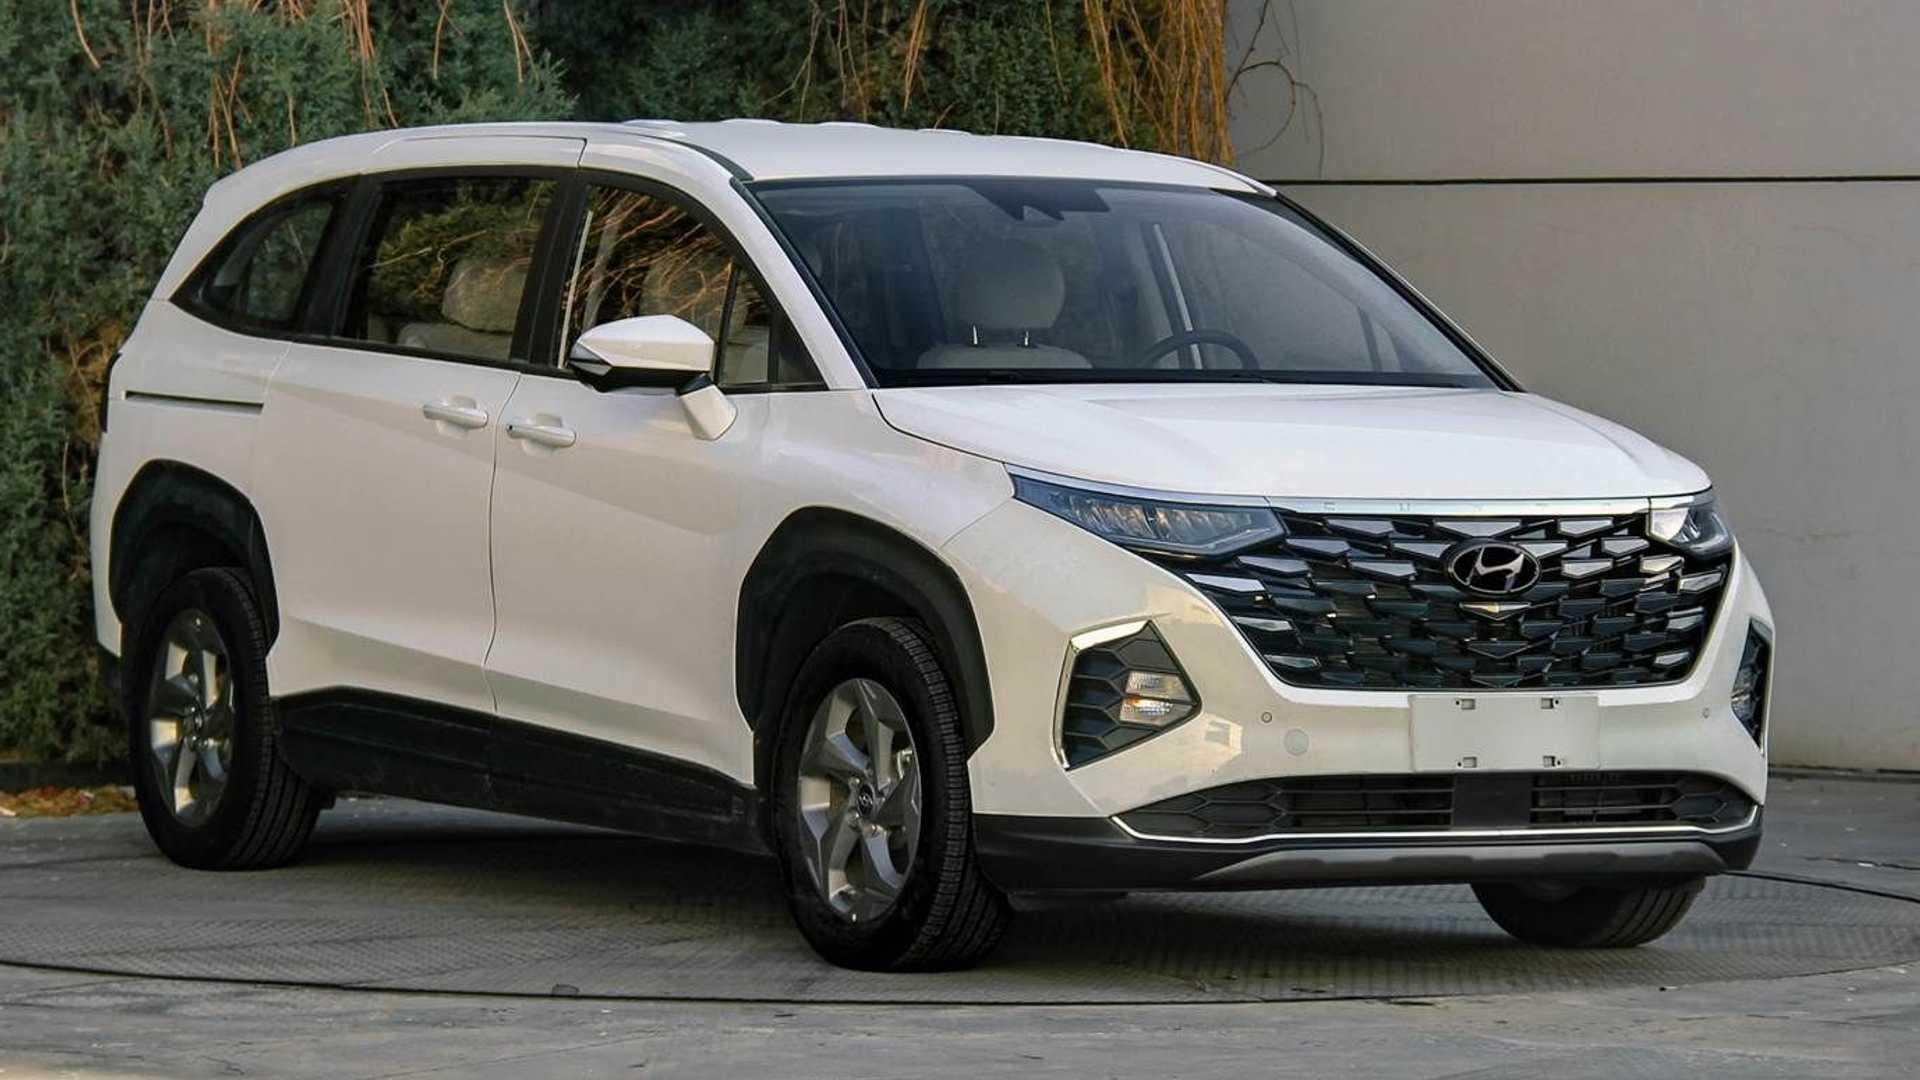 Hyundai Custo - 'Tucson 7 chỗ' chính thức lộ diện, đấu Kia Carnival - Ảnh 3.